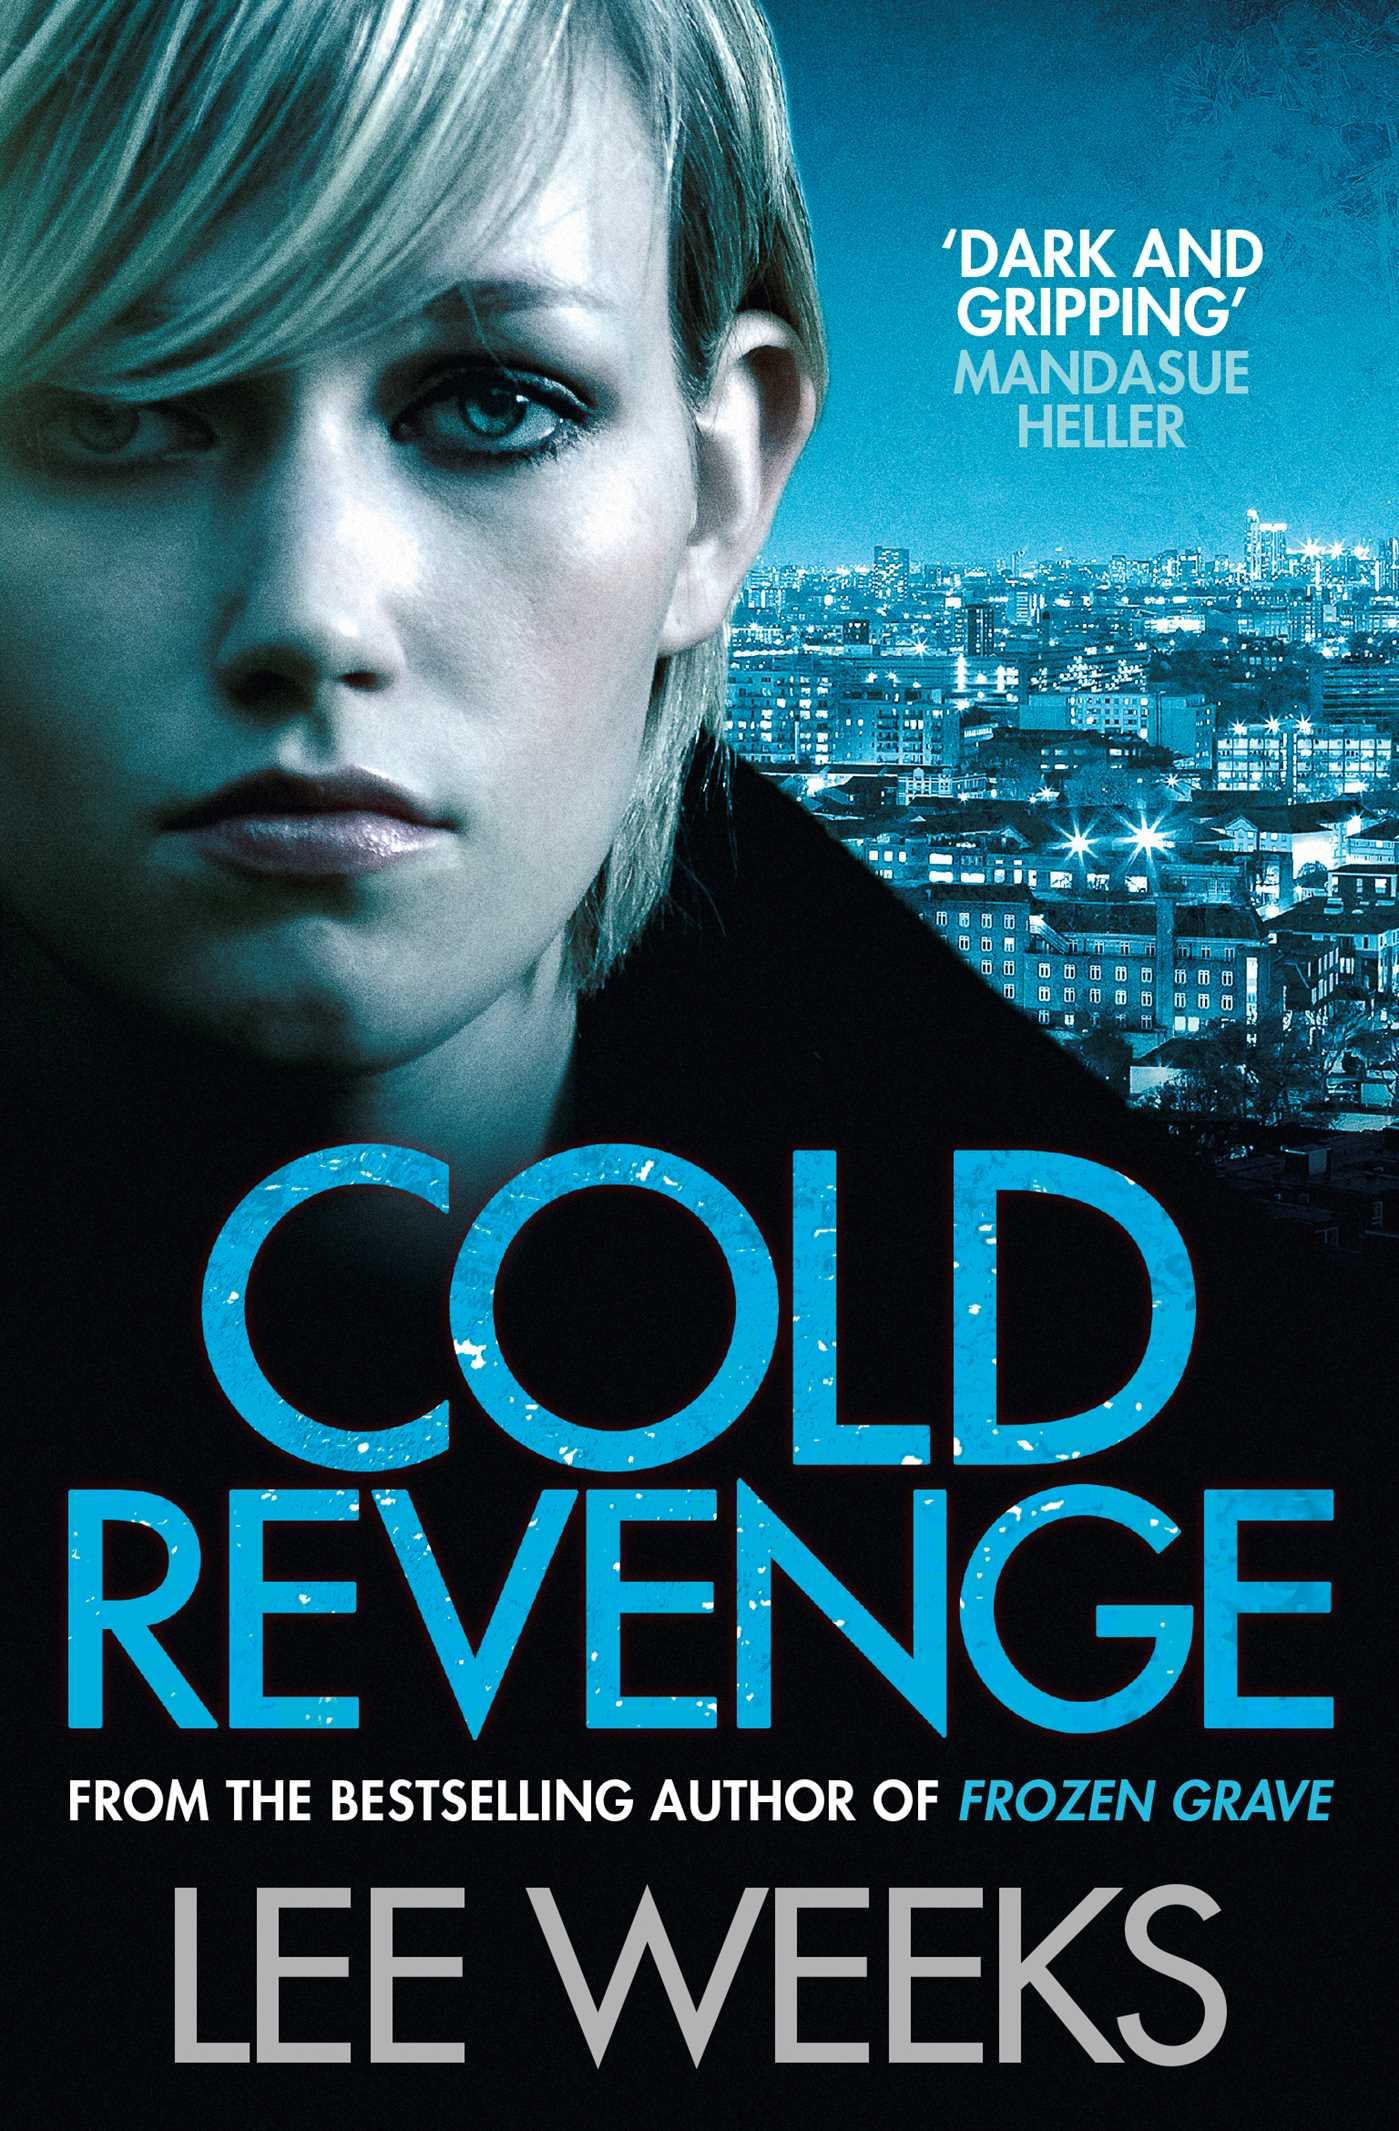 Cold revenge 9781471153211 hr